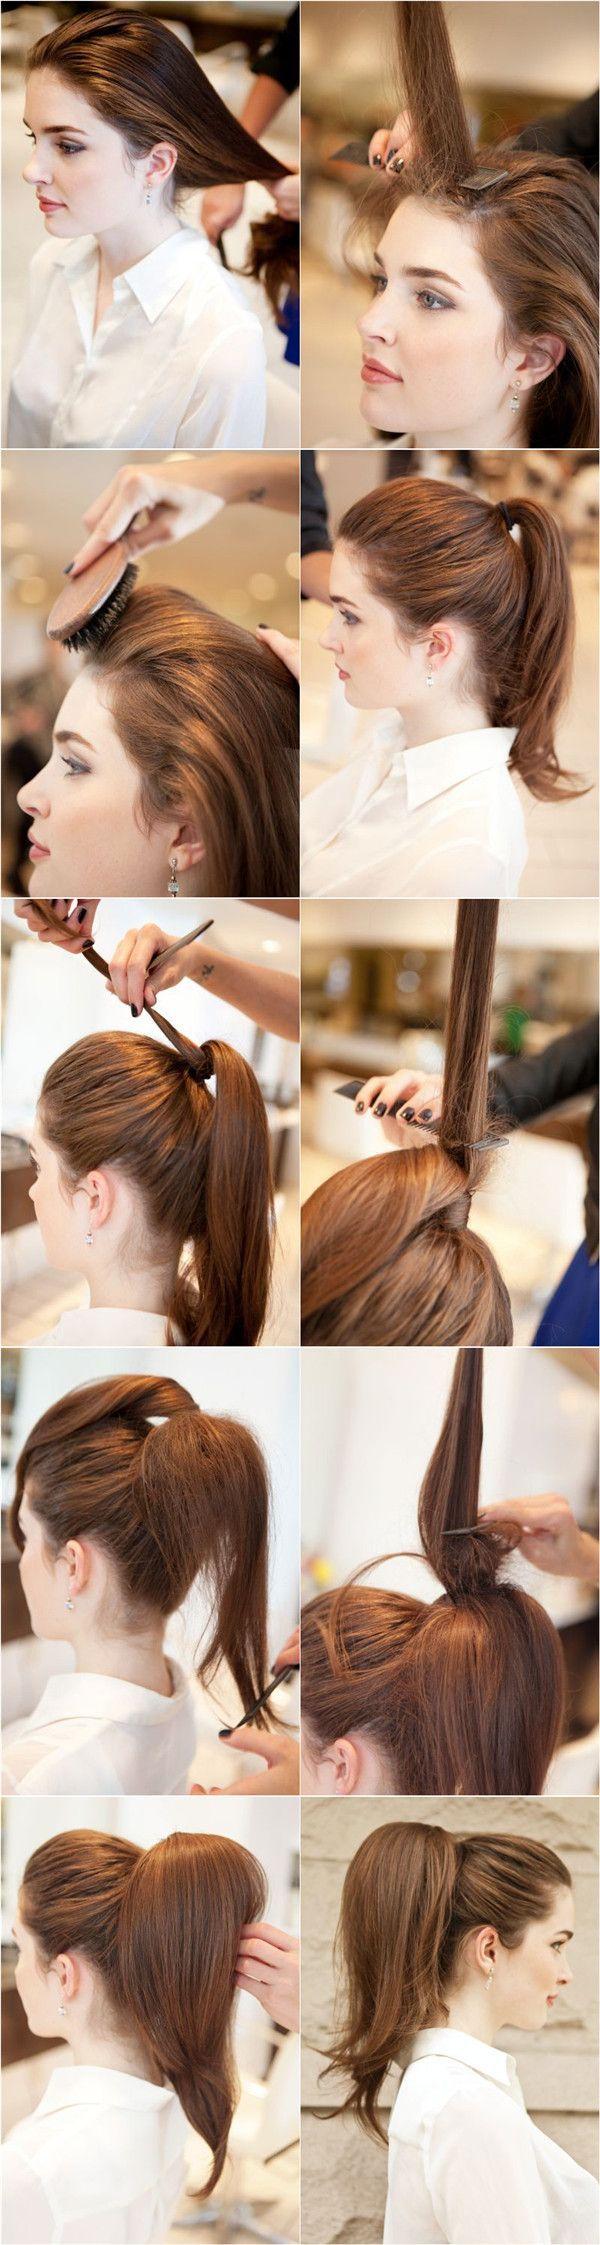 Как научится делать прически с тонкими волосами